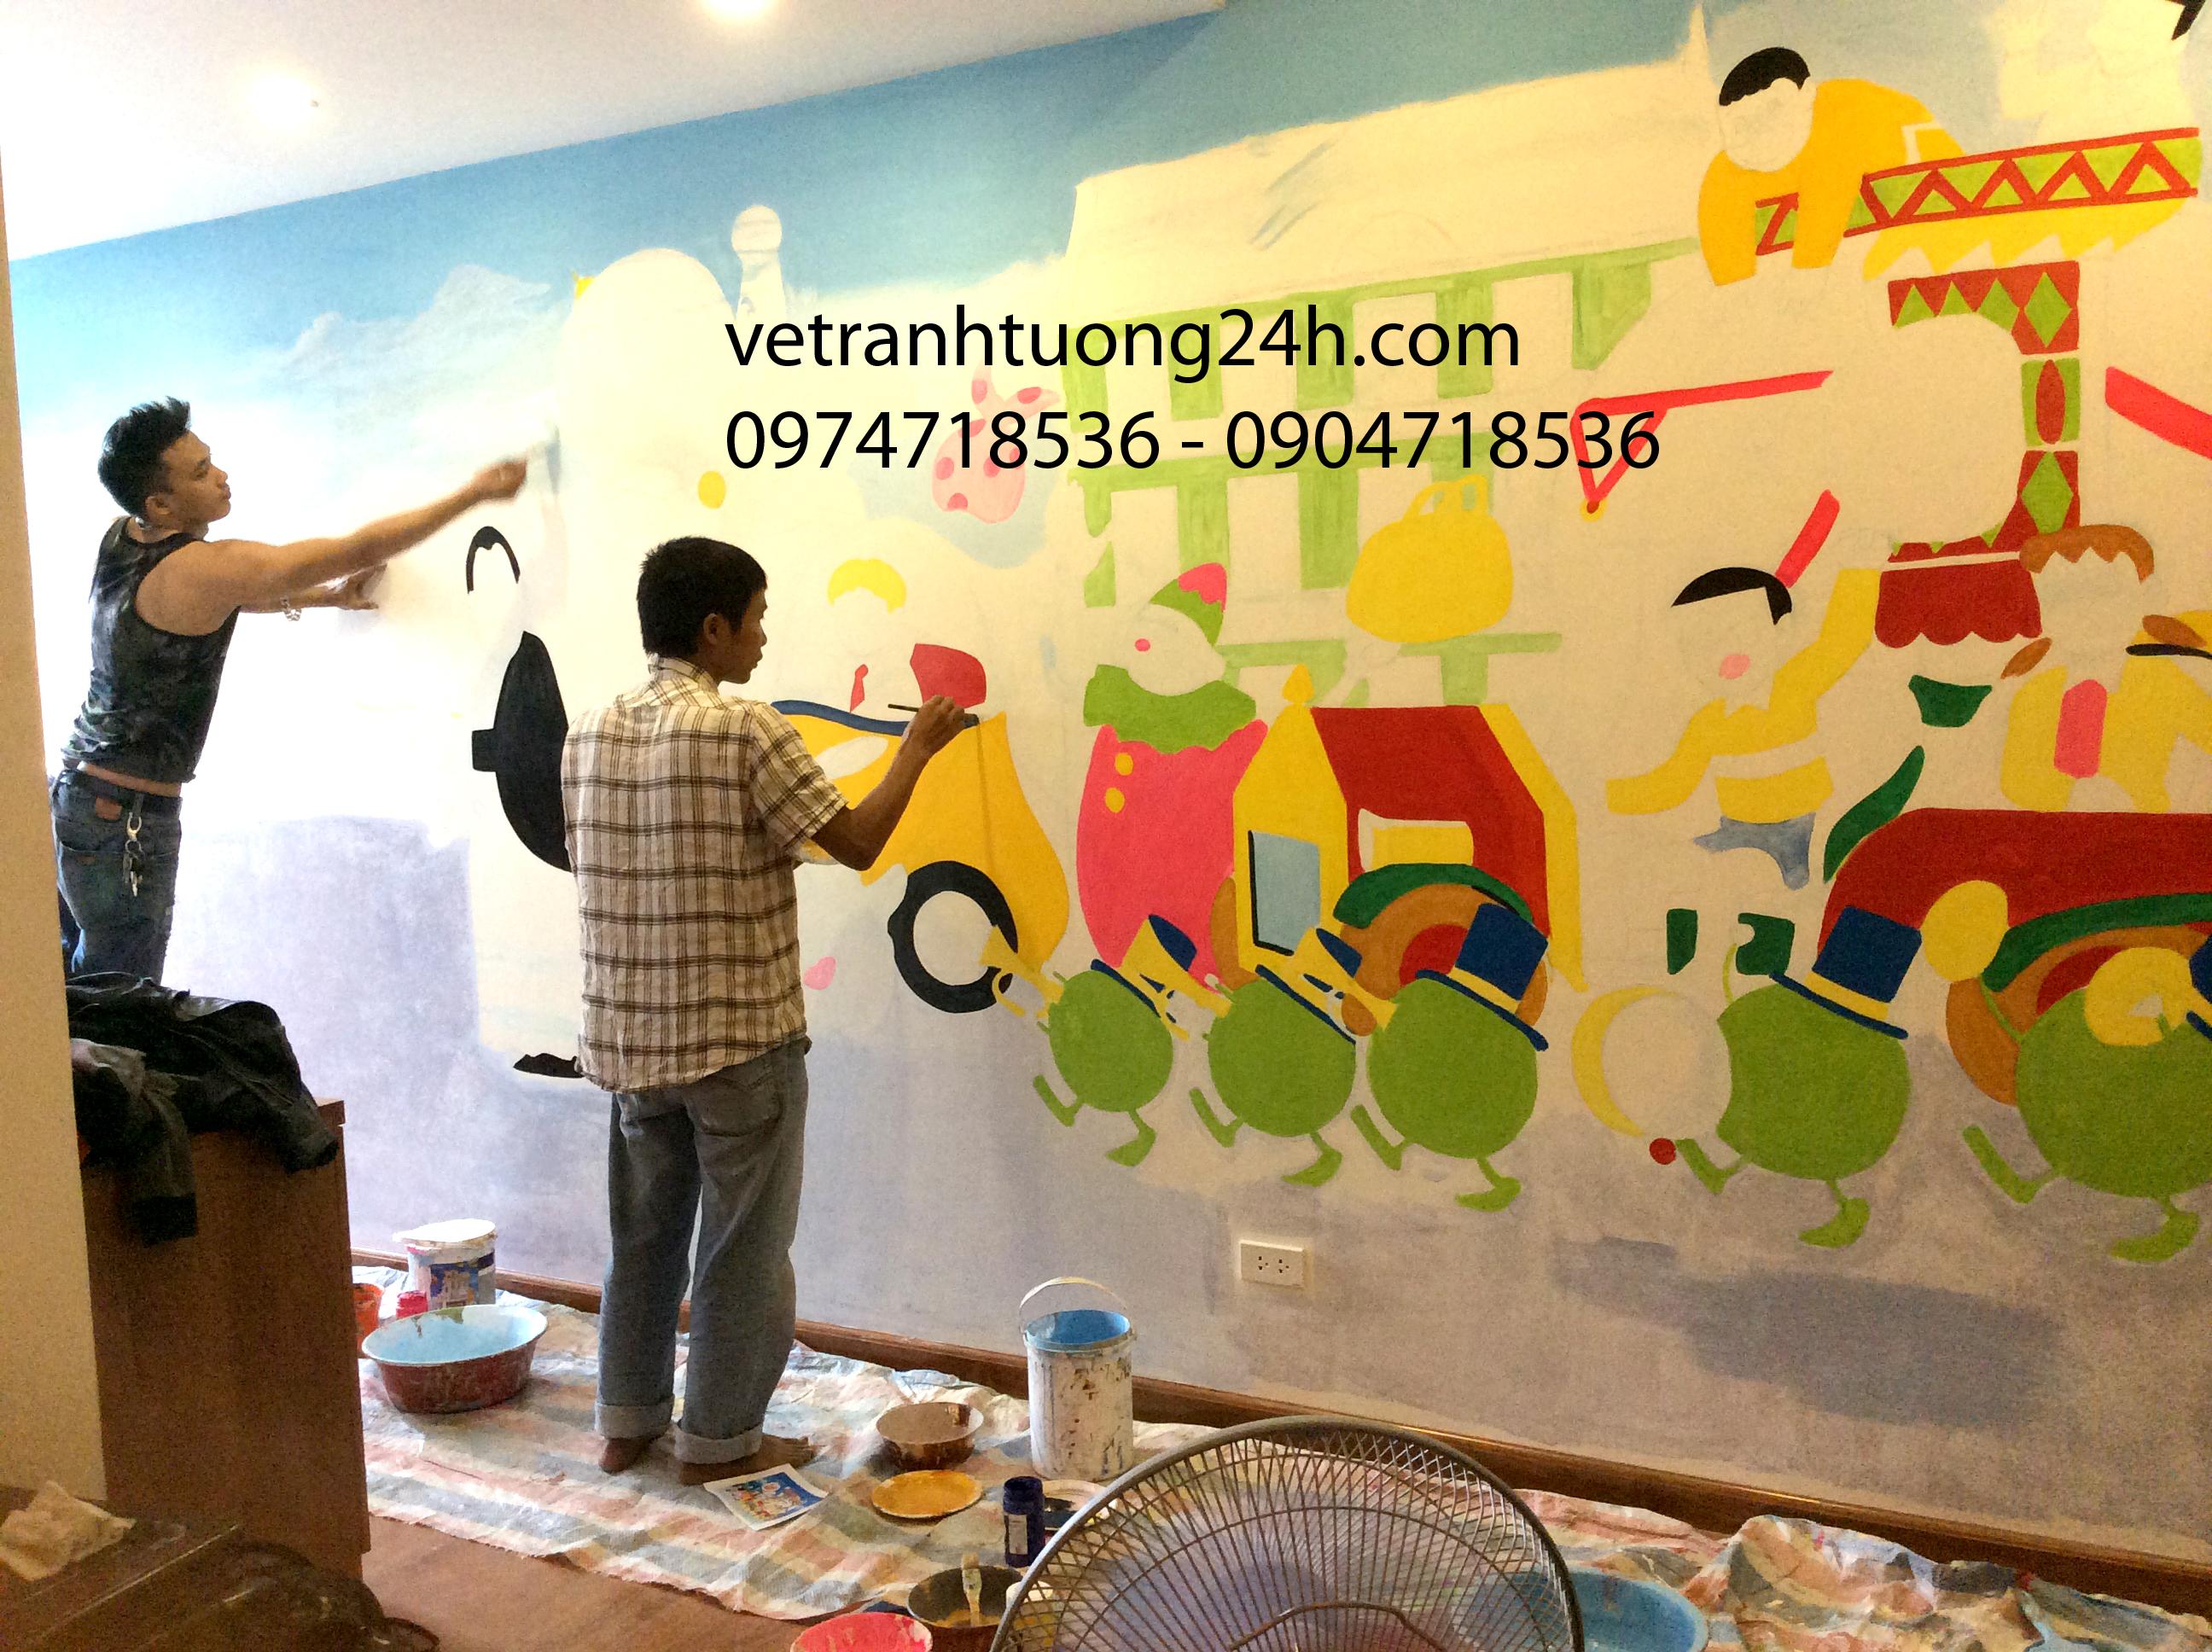 tranh-tuong-phong-be-ct2-lang-viet-kieu-chau-au-ha-dong-3